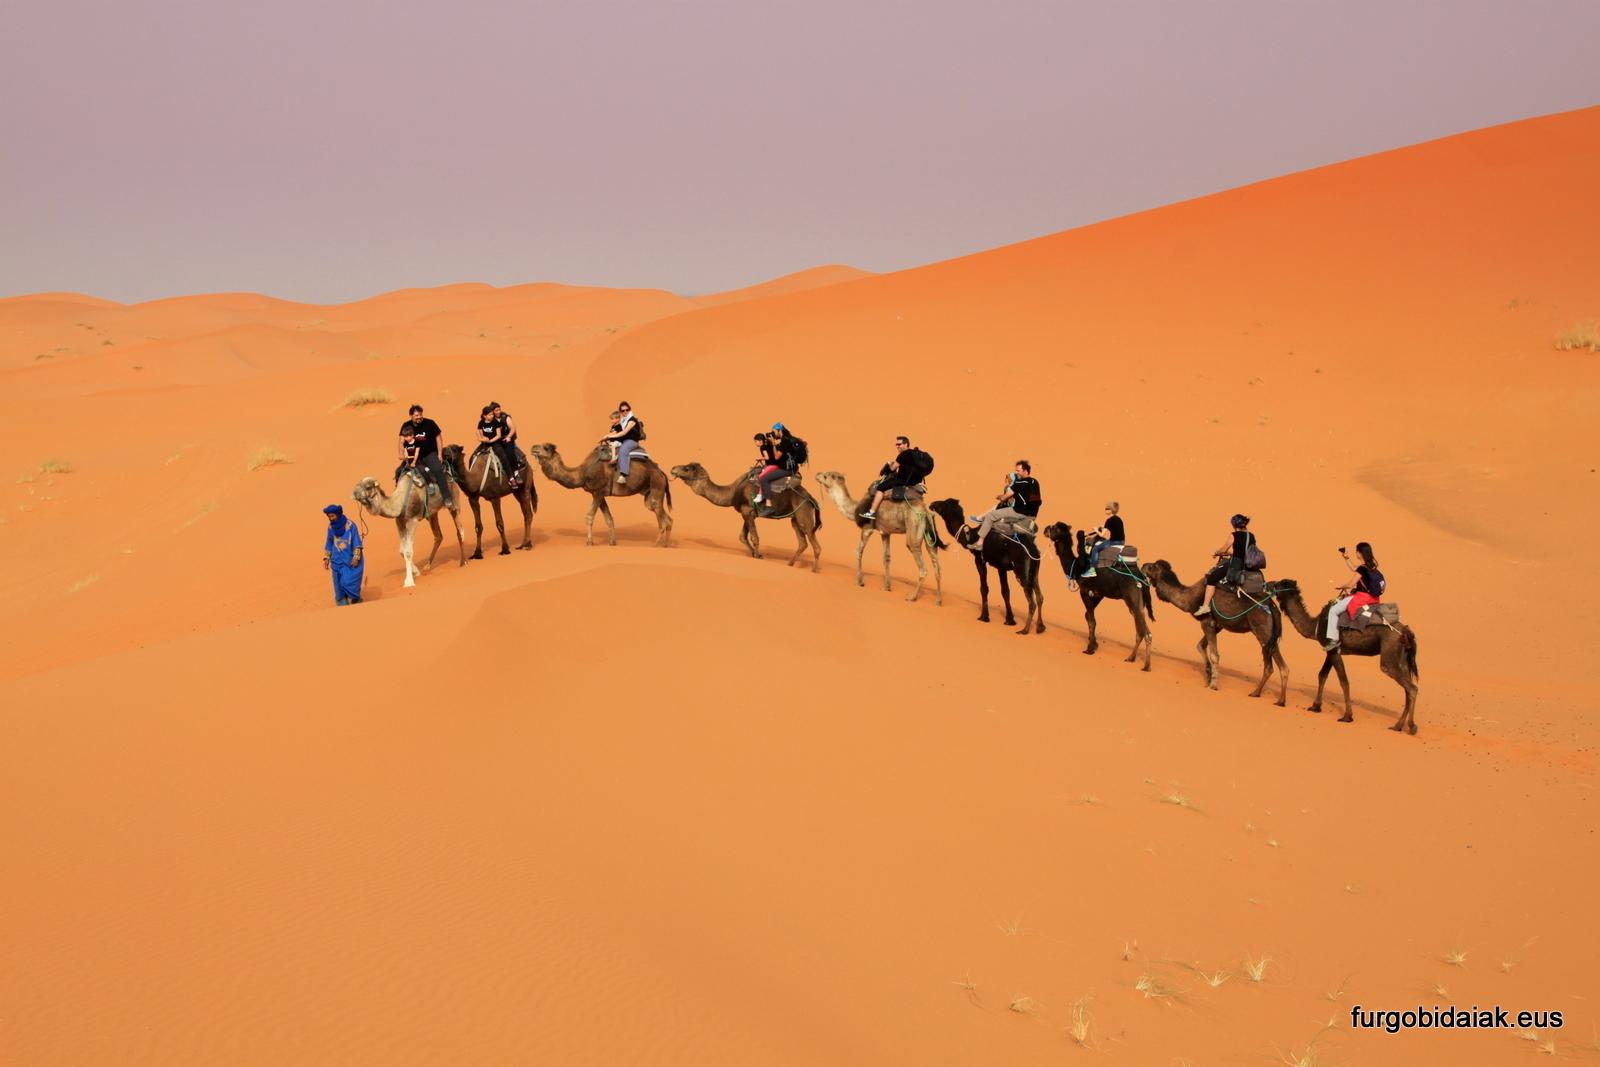 viajar en grupo, consejos para viajar a Marruecos